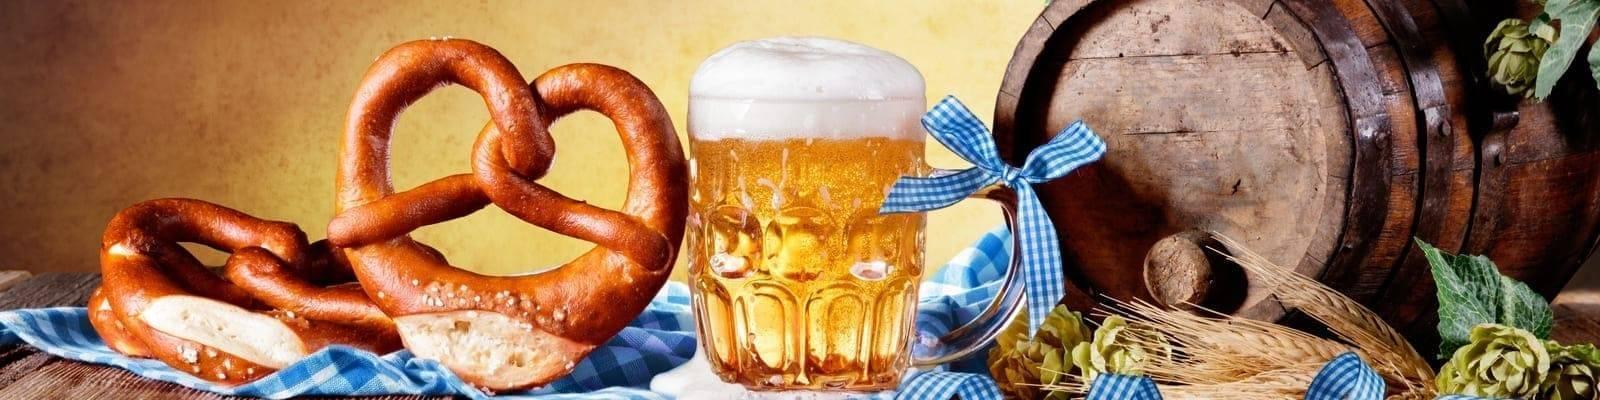 Сладкое после алкоголя - почему возникает тяга к сладкому после употребления спиртных напитков